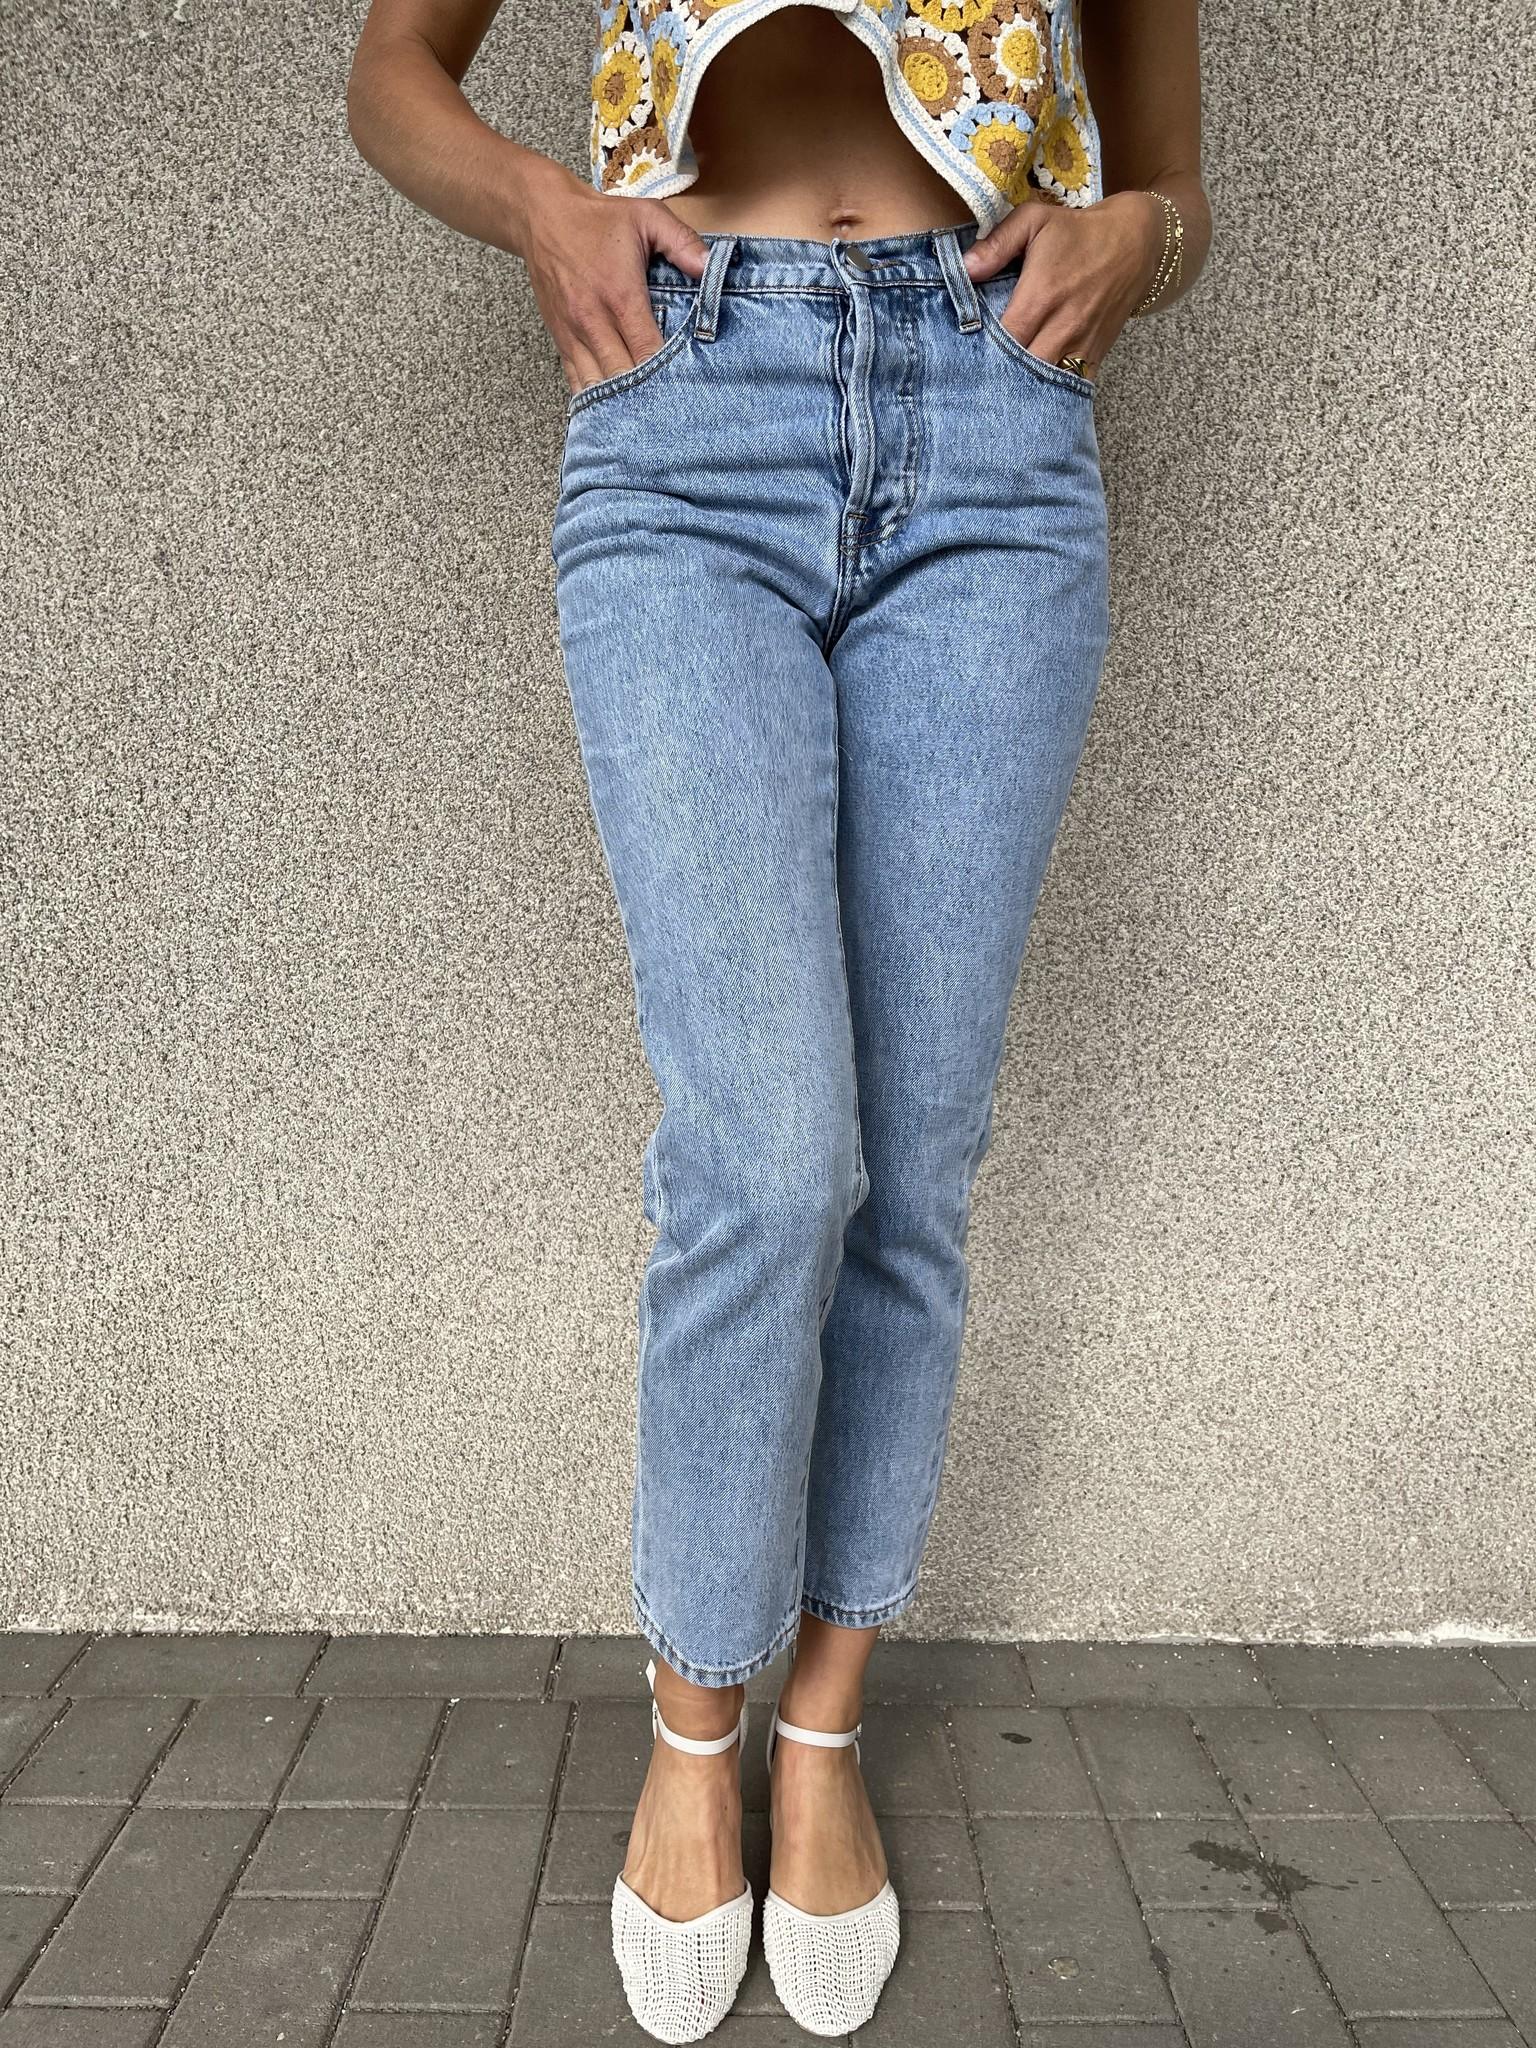 LUCAS jeans-2